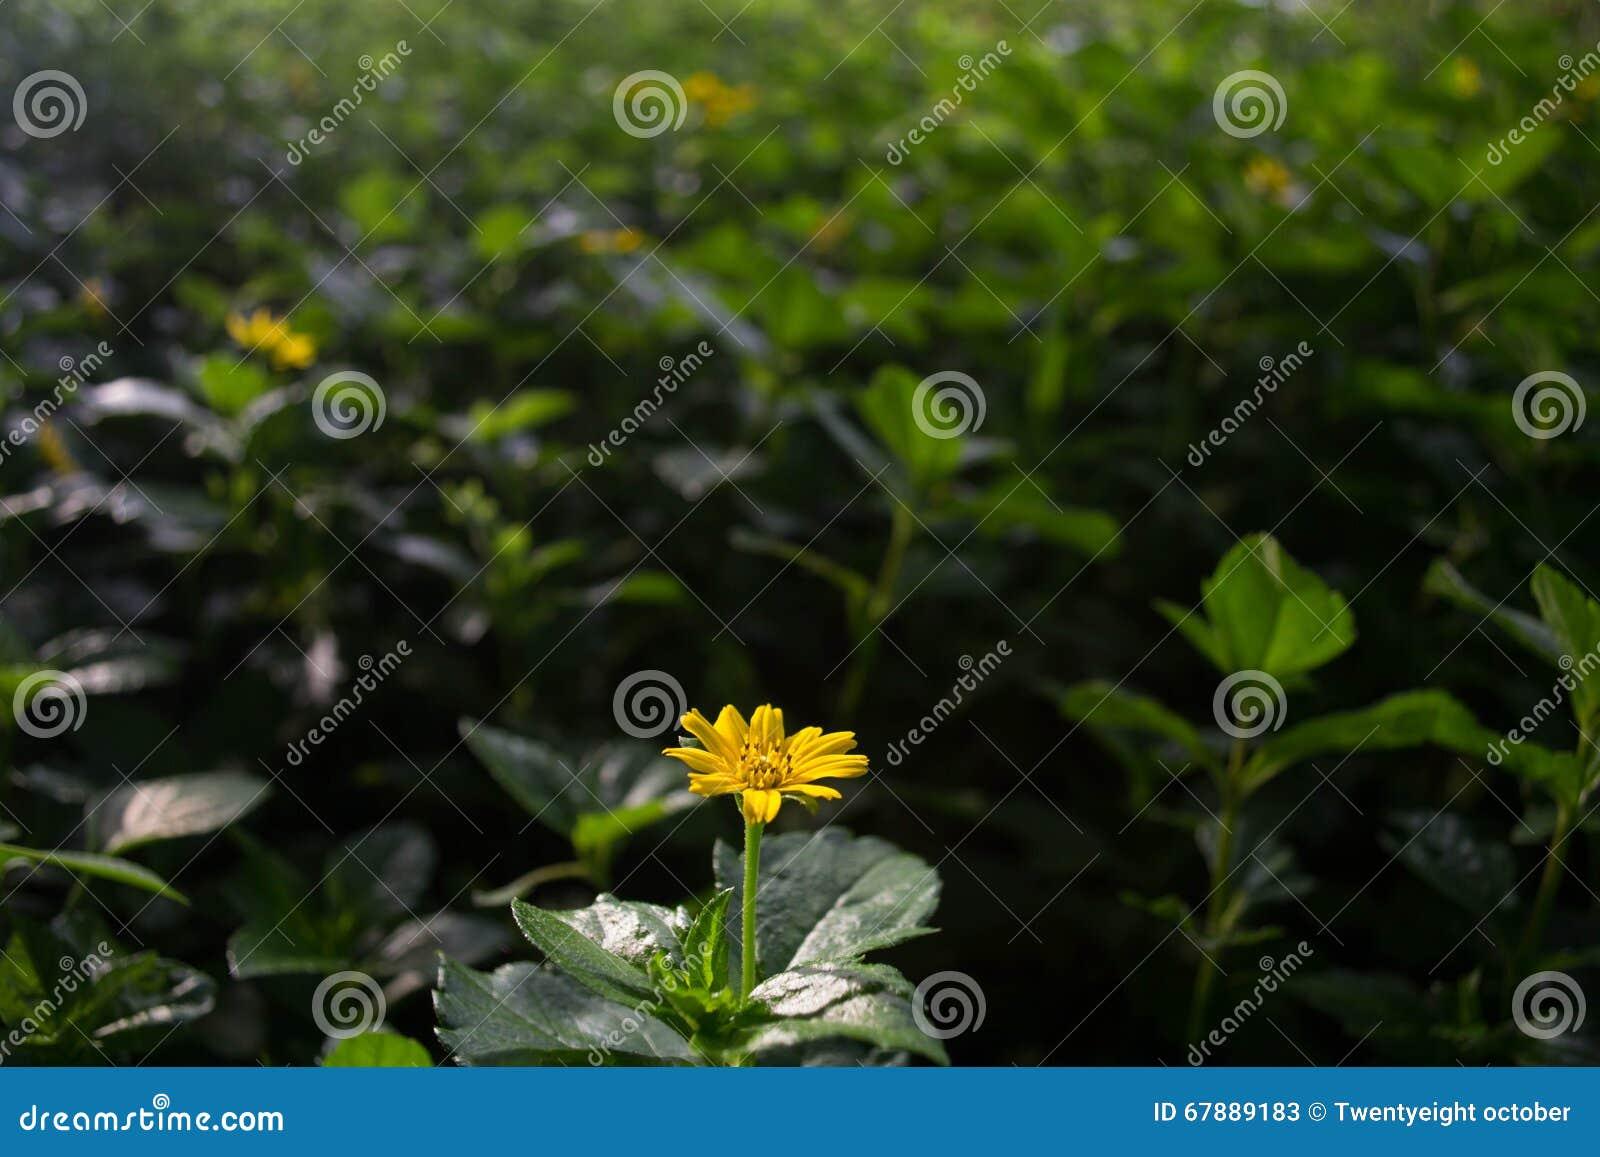 干燥花在用绿色叶子盖的草甸,芬芳